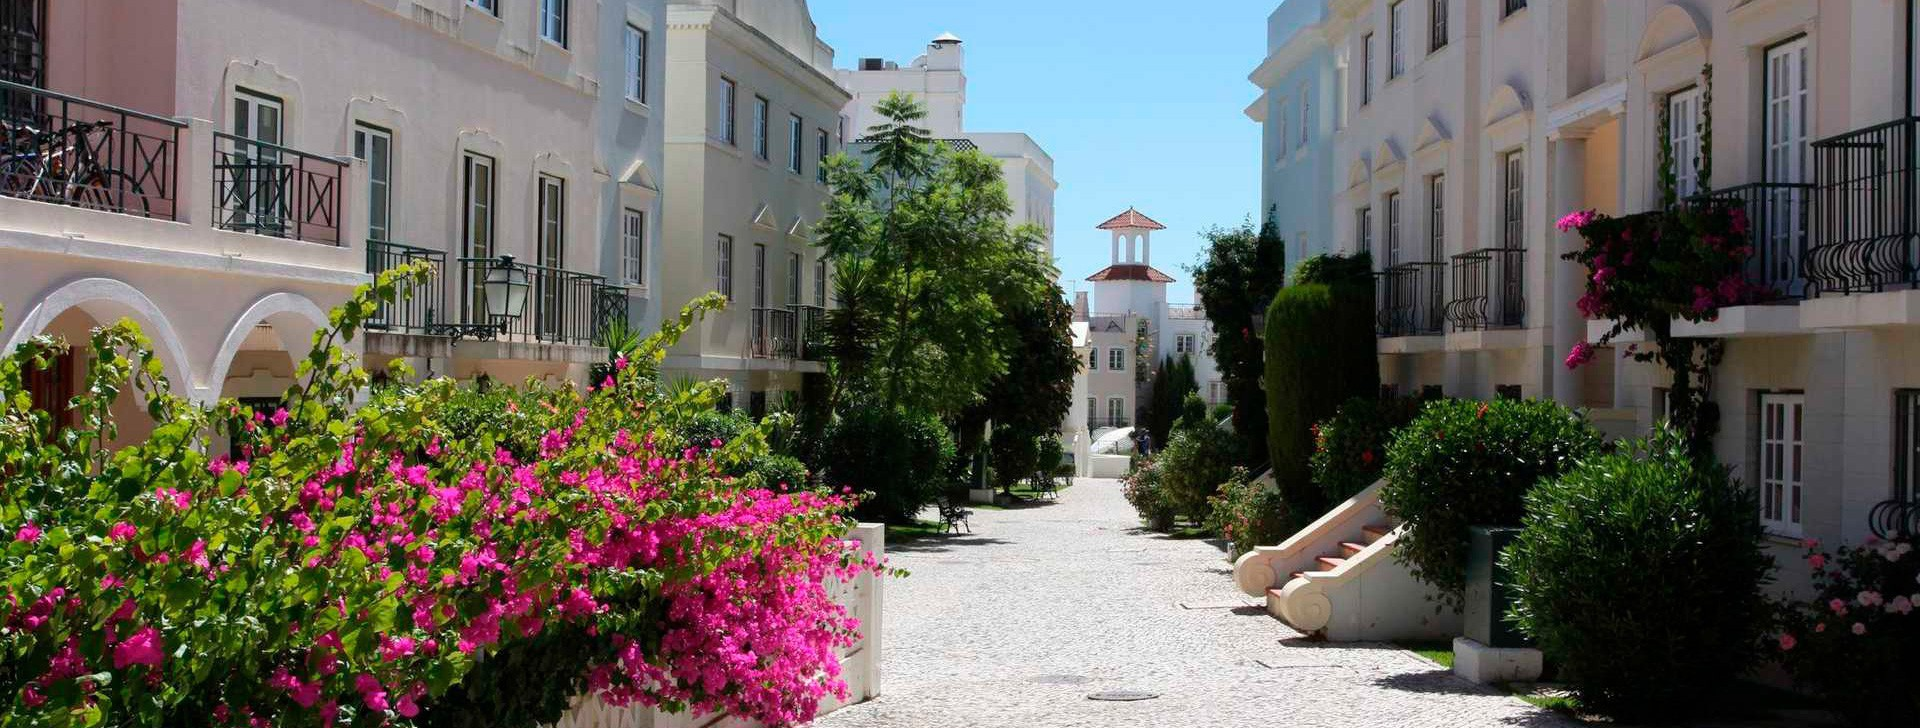 Busca en el Algarve!